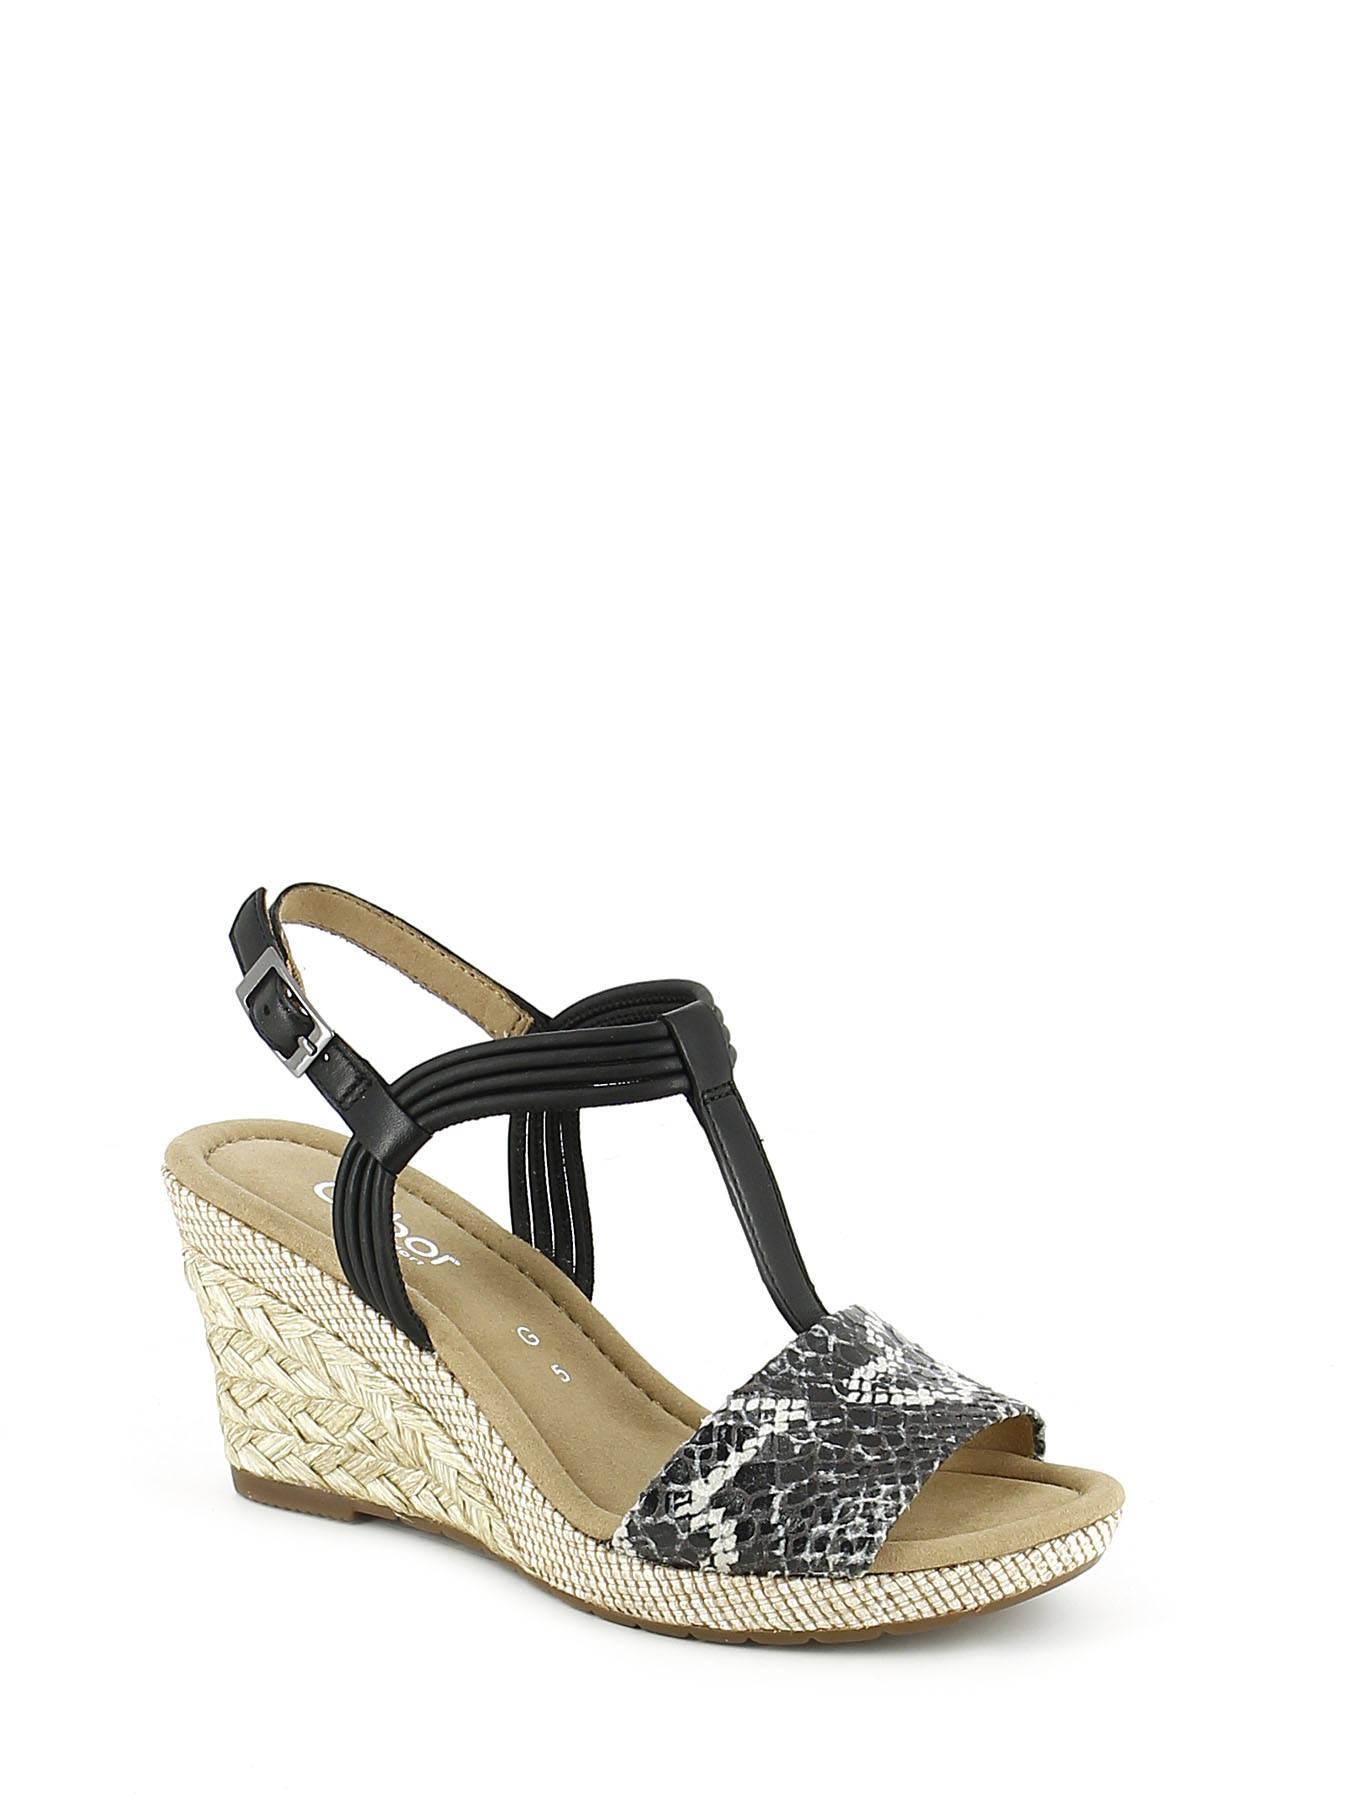 Sandales Avec Ceinture Noire Gabor oqG4xAv